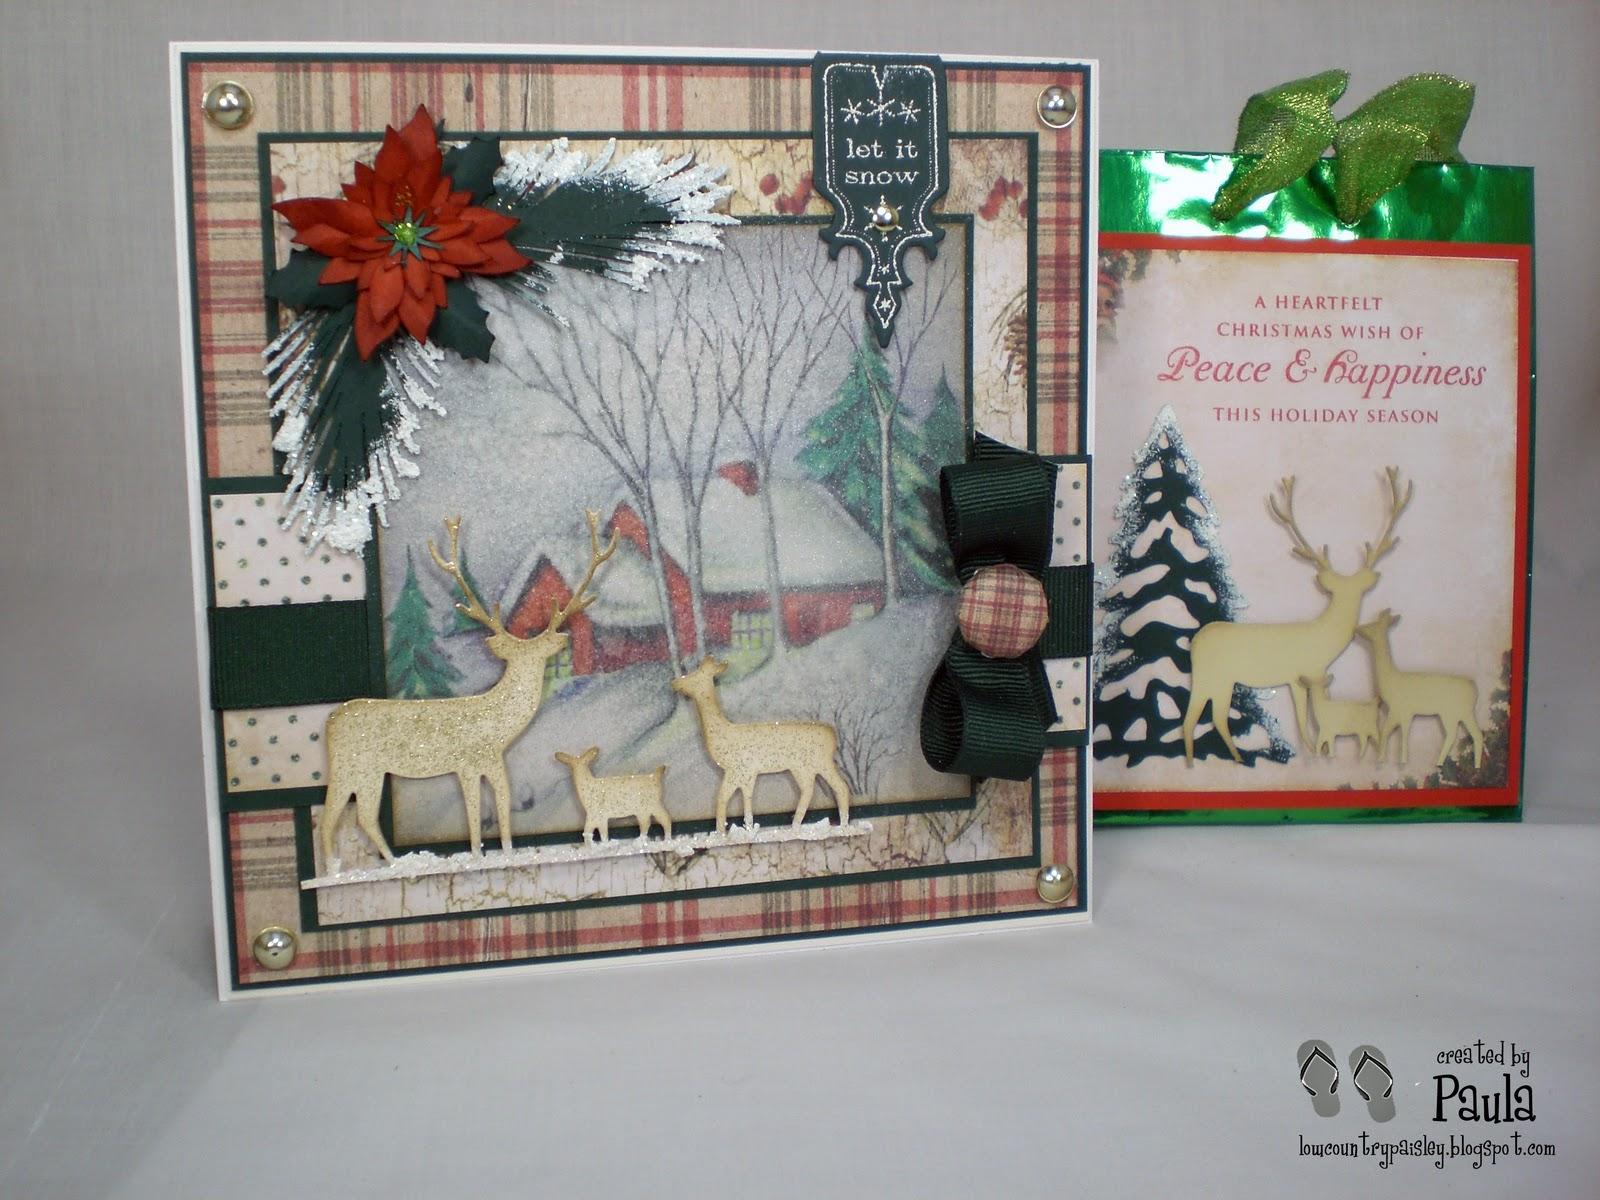 http://3.bp.blogspot.com/-ndat8neqP-Q/TtJPTmymKGI/AAAAAAAAGN0/G4idW9CFEtI/s1600/Deer+card+and+bag3.jpg